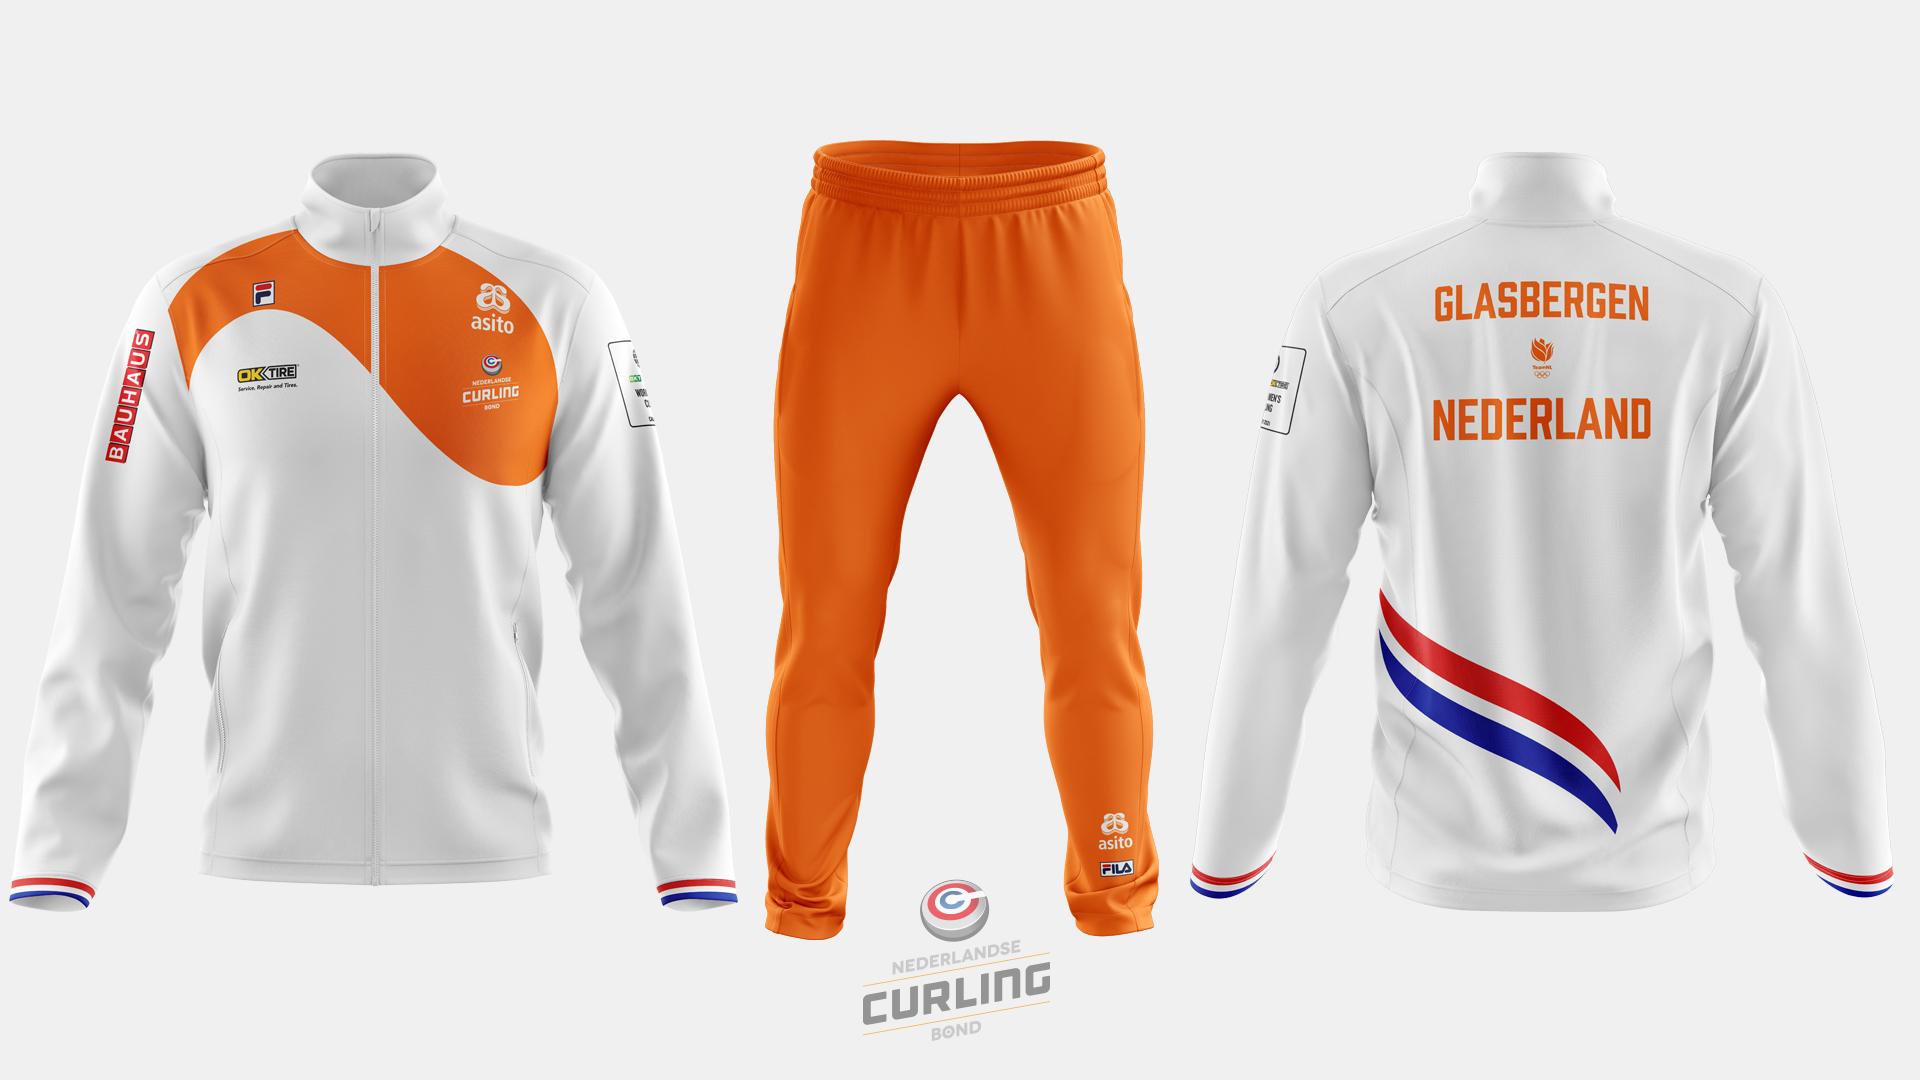 Team NL Curling jacket away